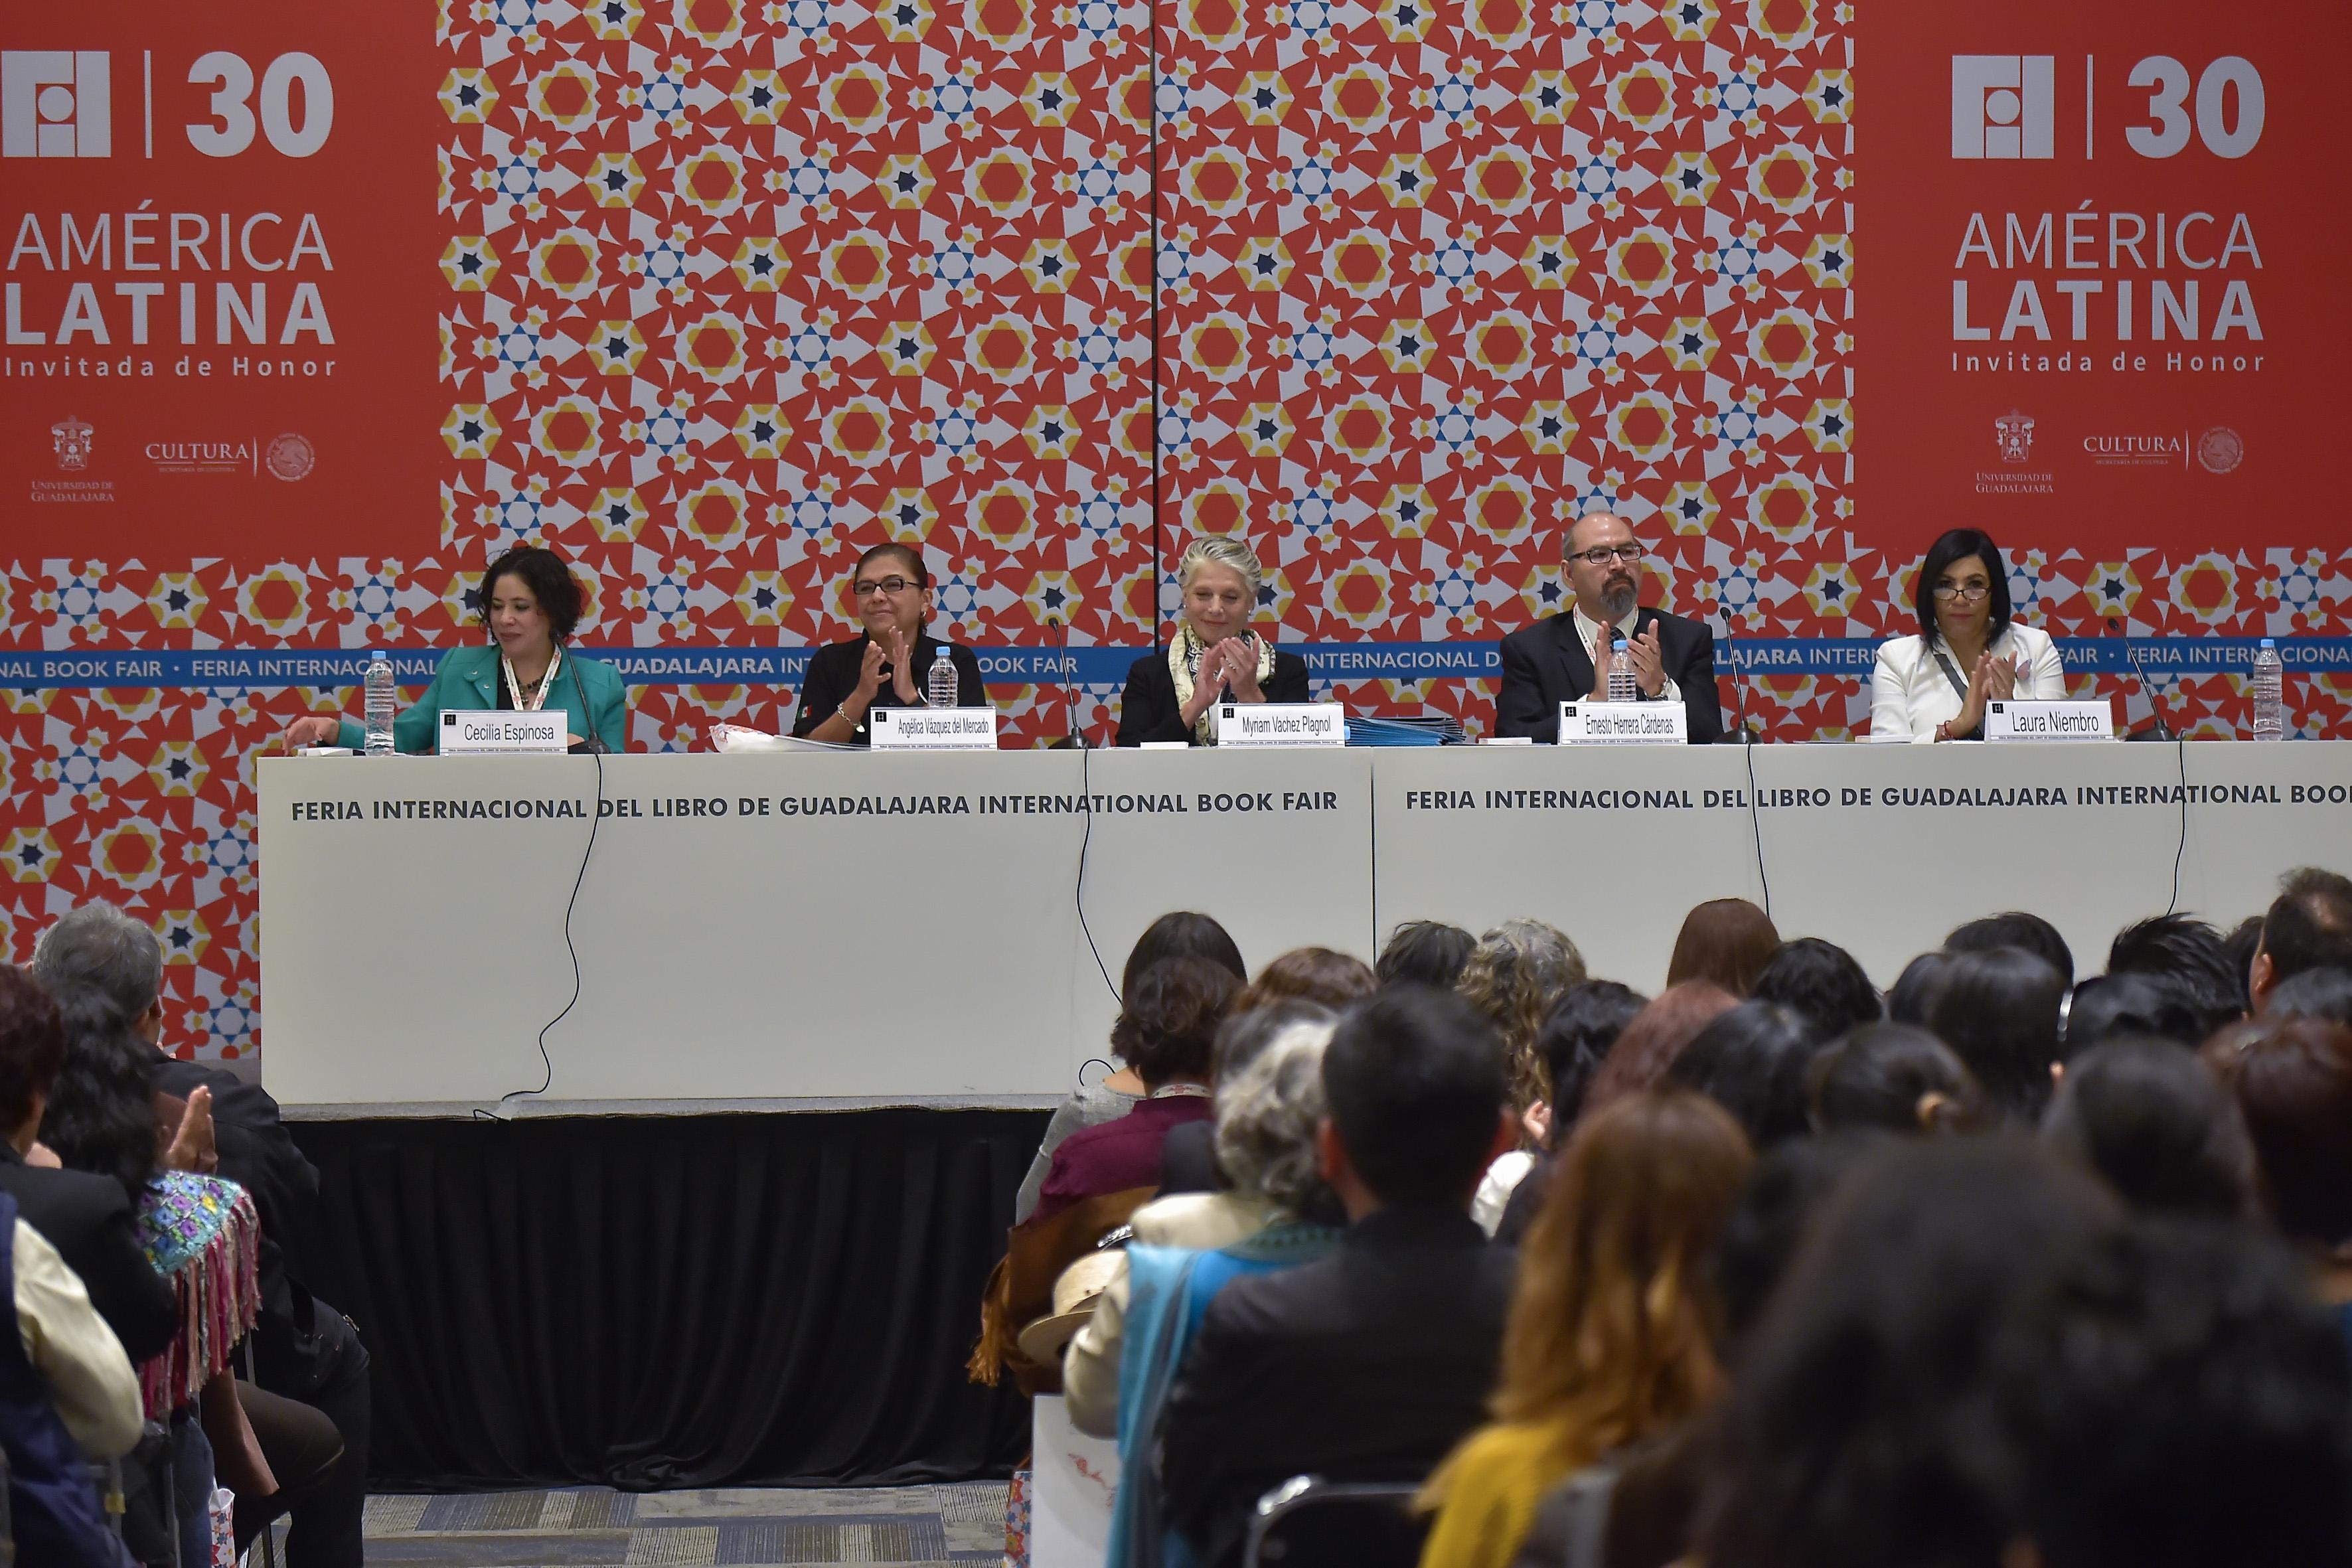 Miembros panelistas participantes en ceremonia de premiación, aplaudiendo.